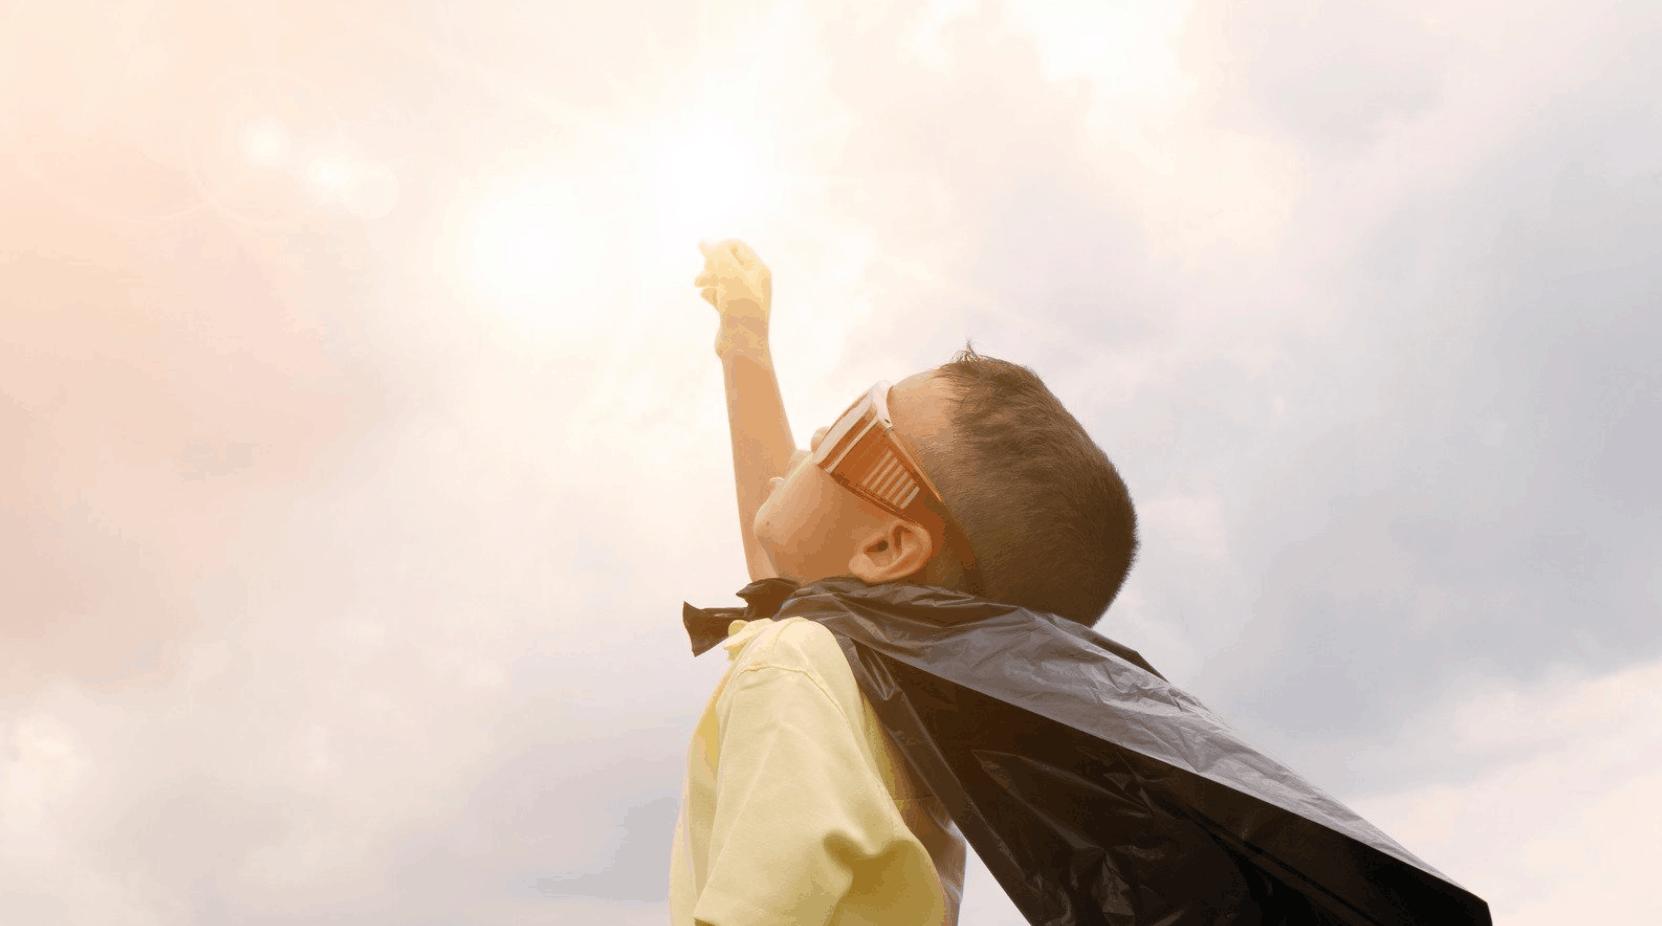 ein kleiner Junge mit Heldenumhang streckt die rechte Hand nach oben